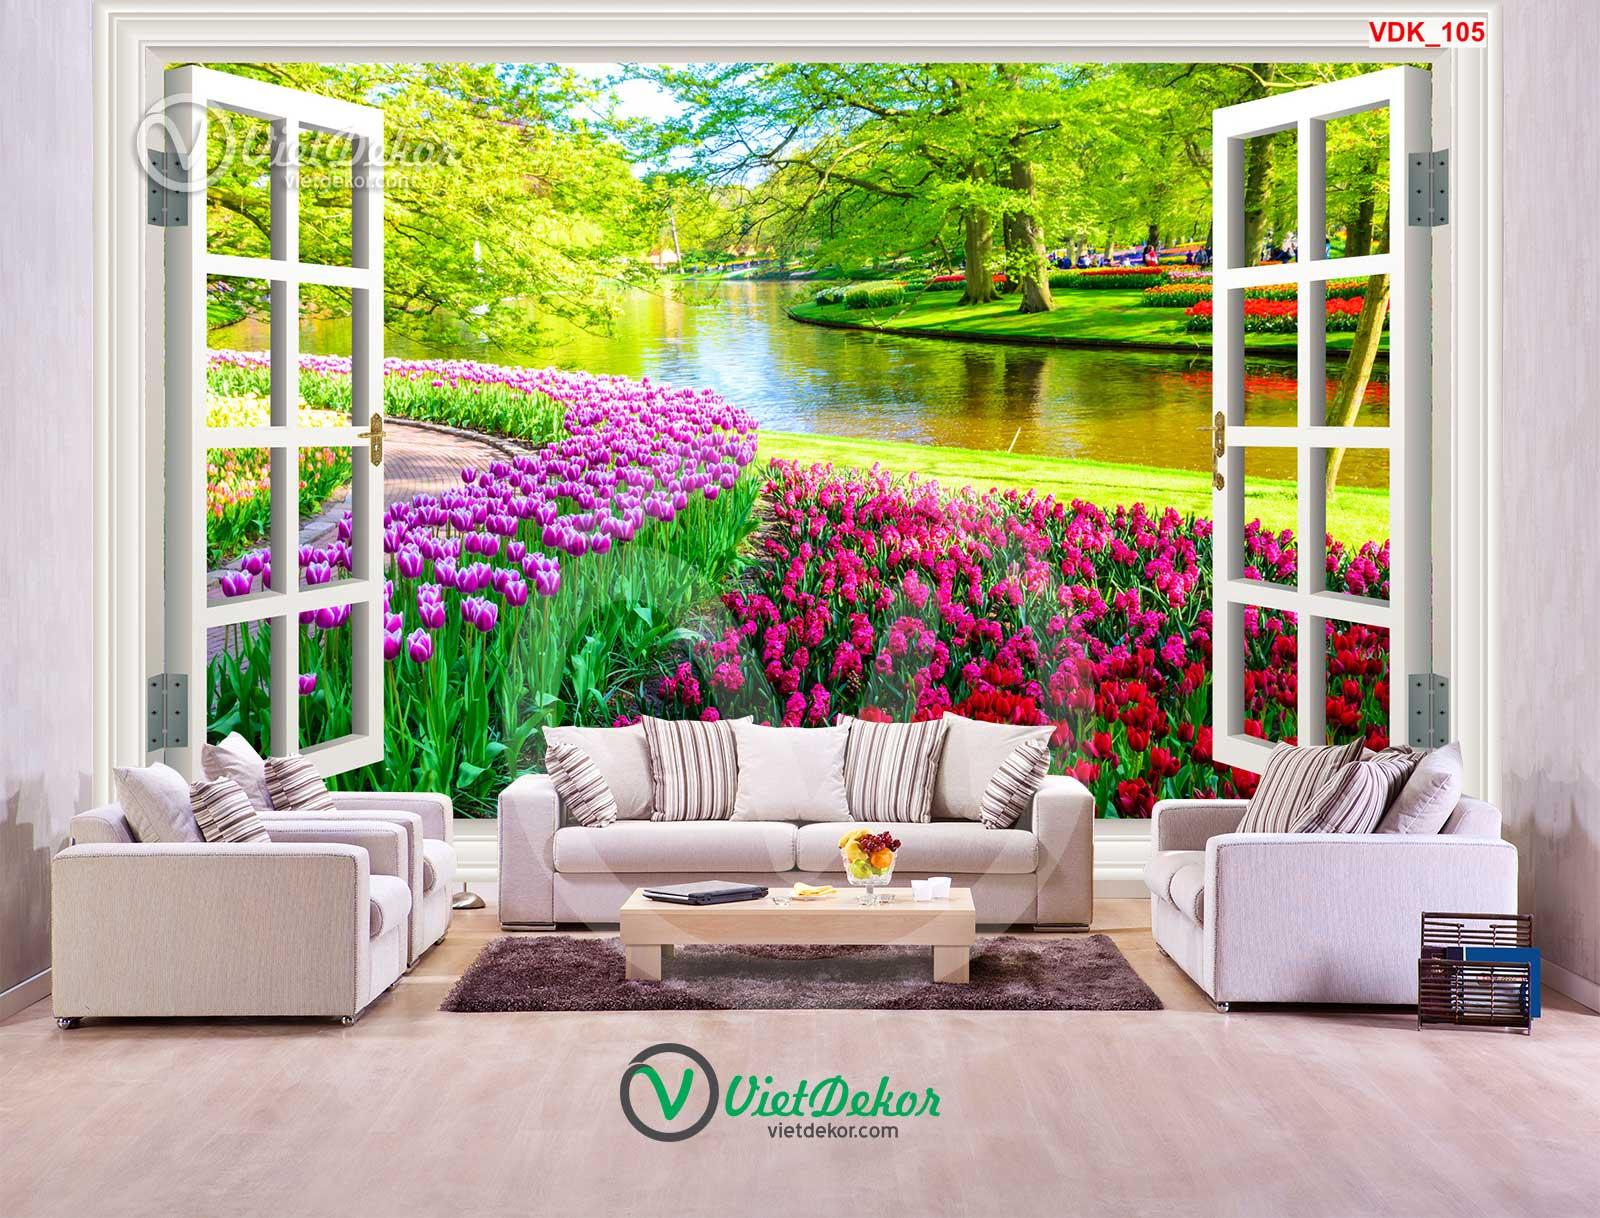 Tranh dán tường 3d cửa sổ phong cảnh vườn hoa